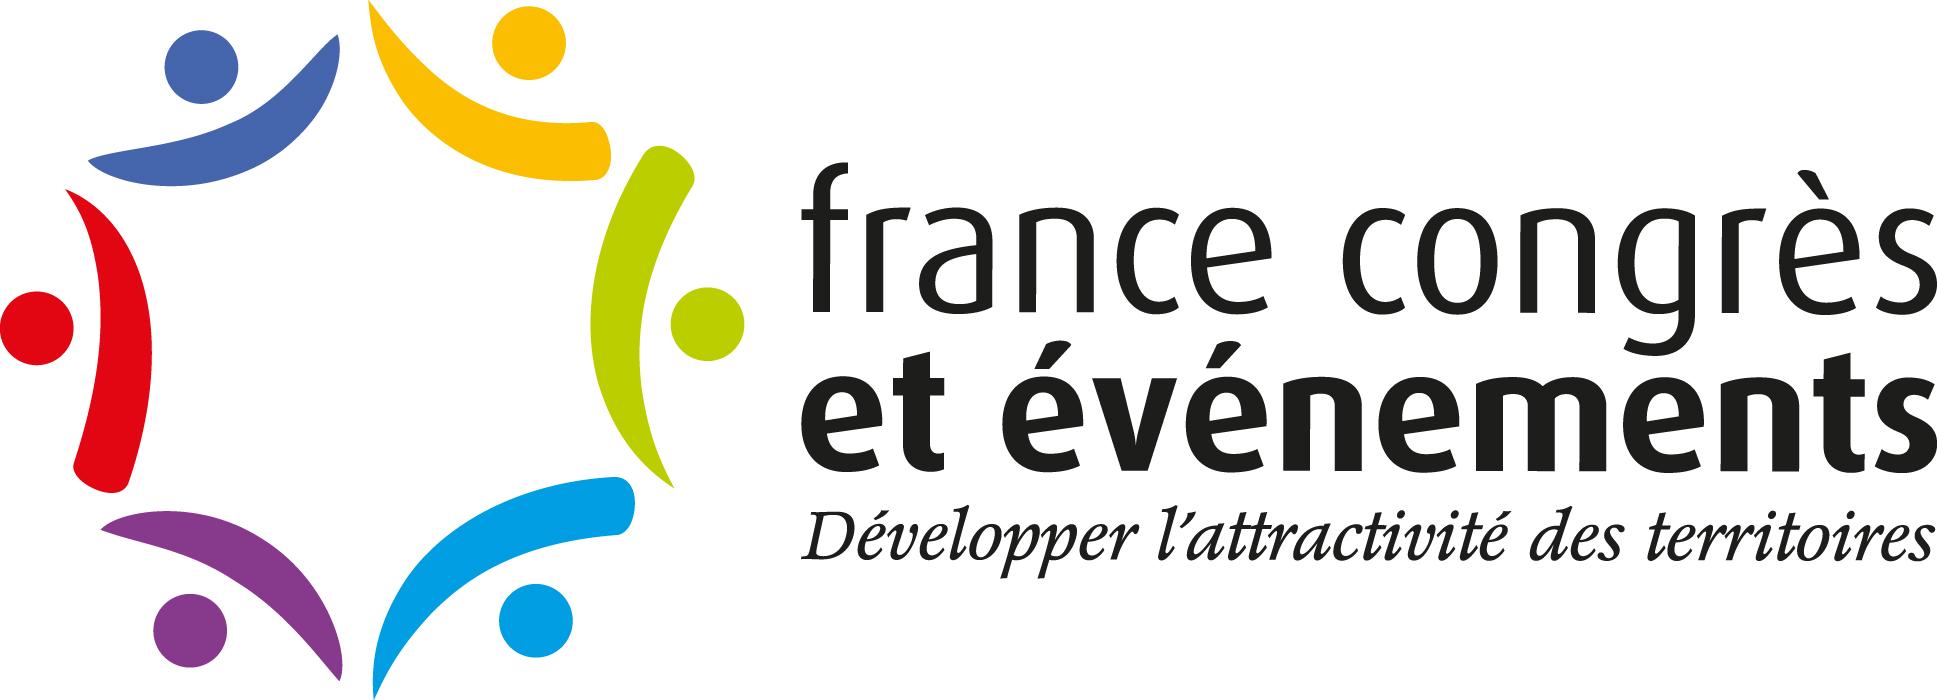 Logo francecongresevenements